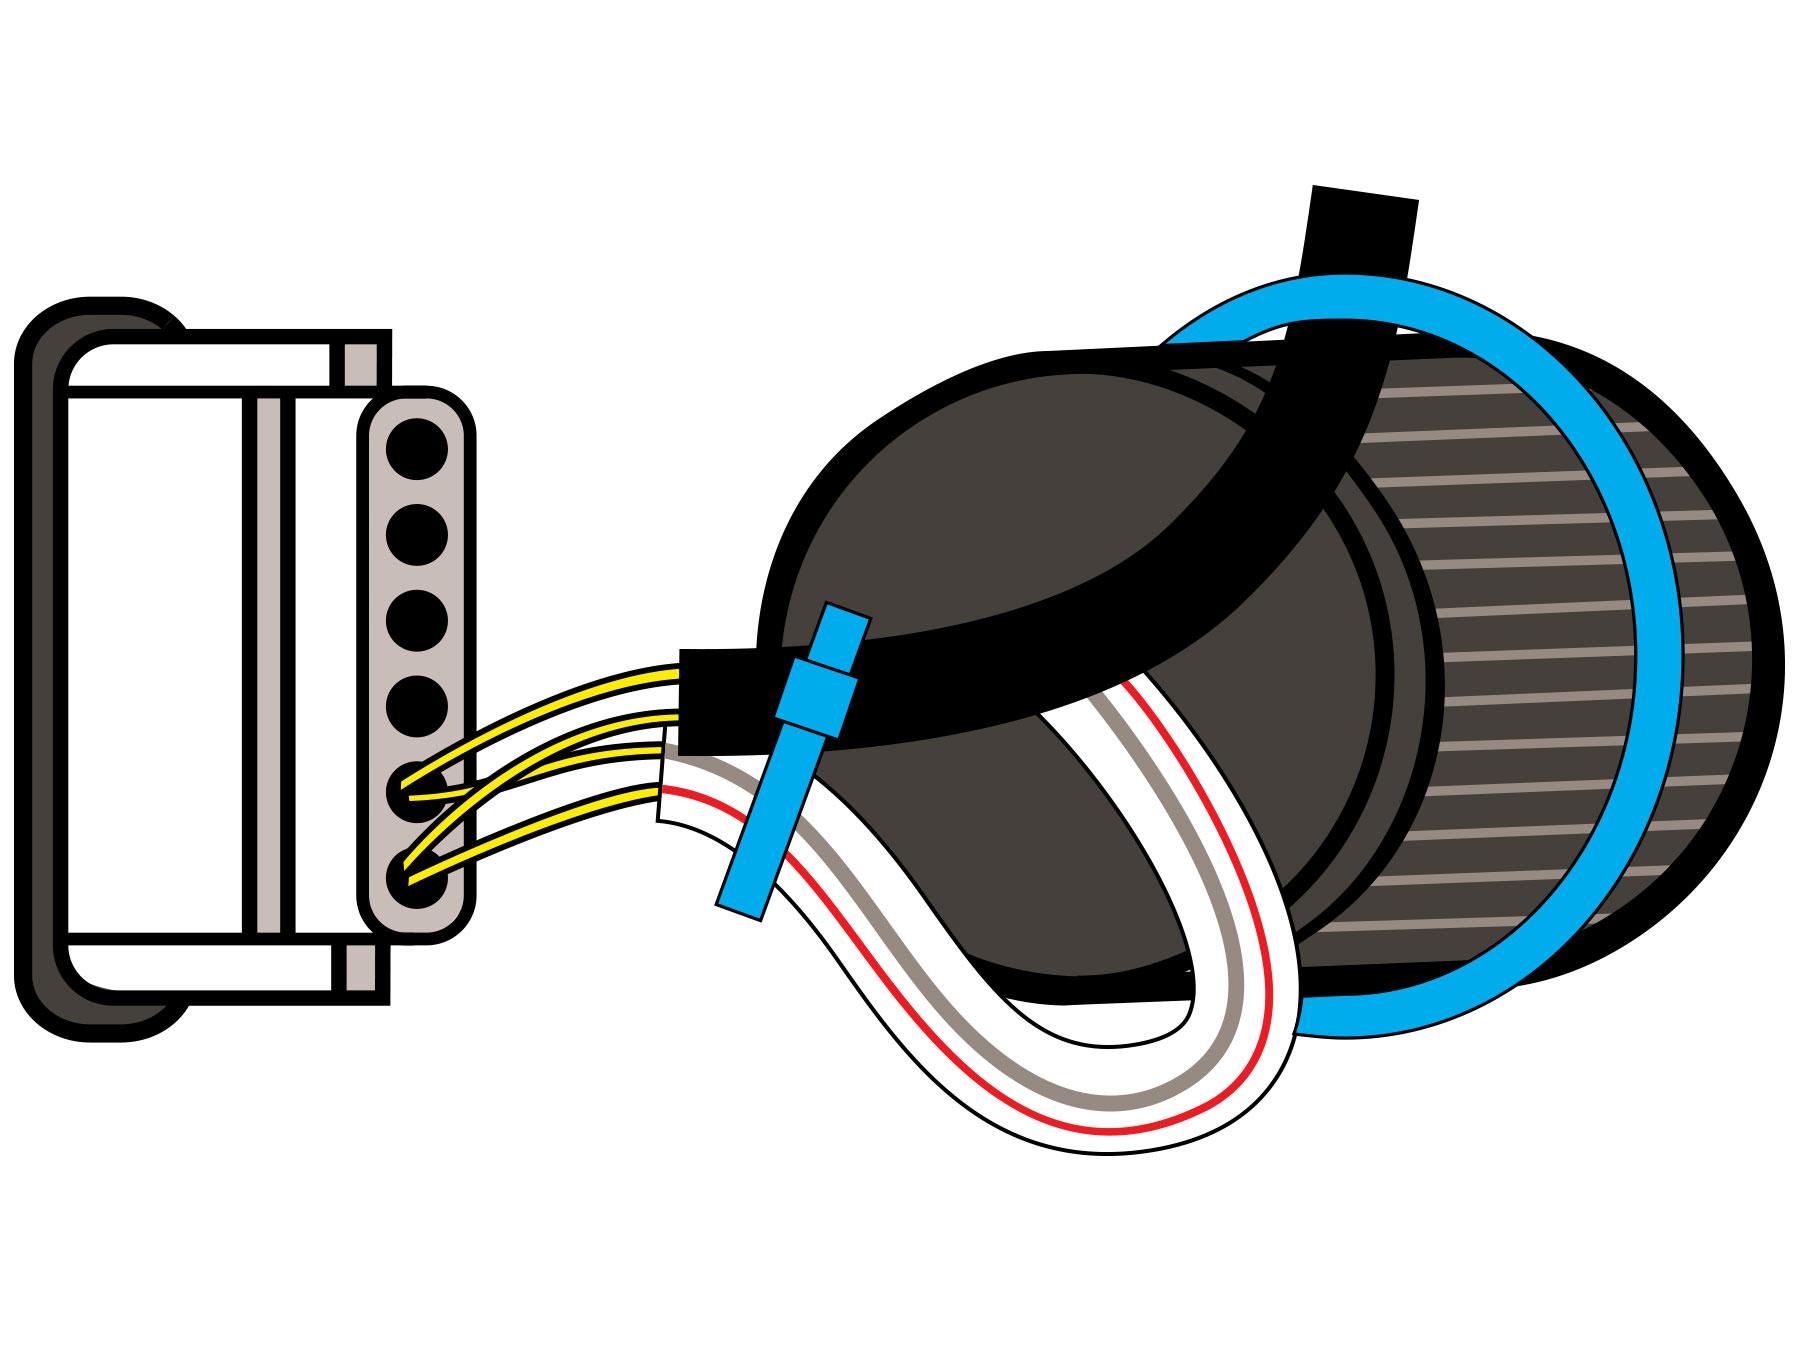 123 — Rear-View PowerSocket